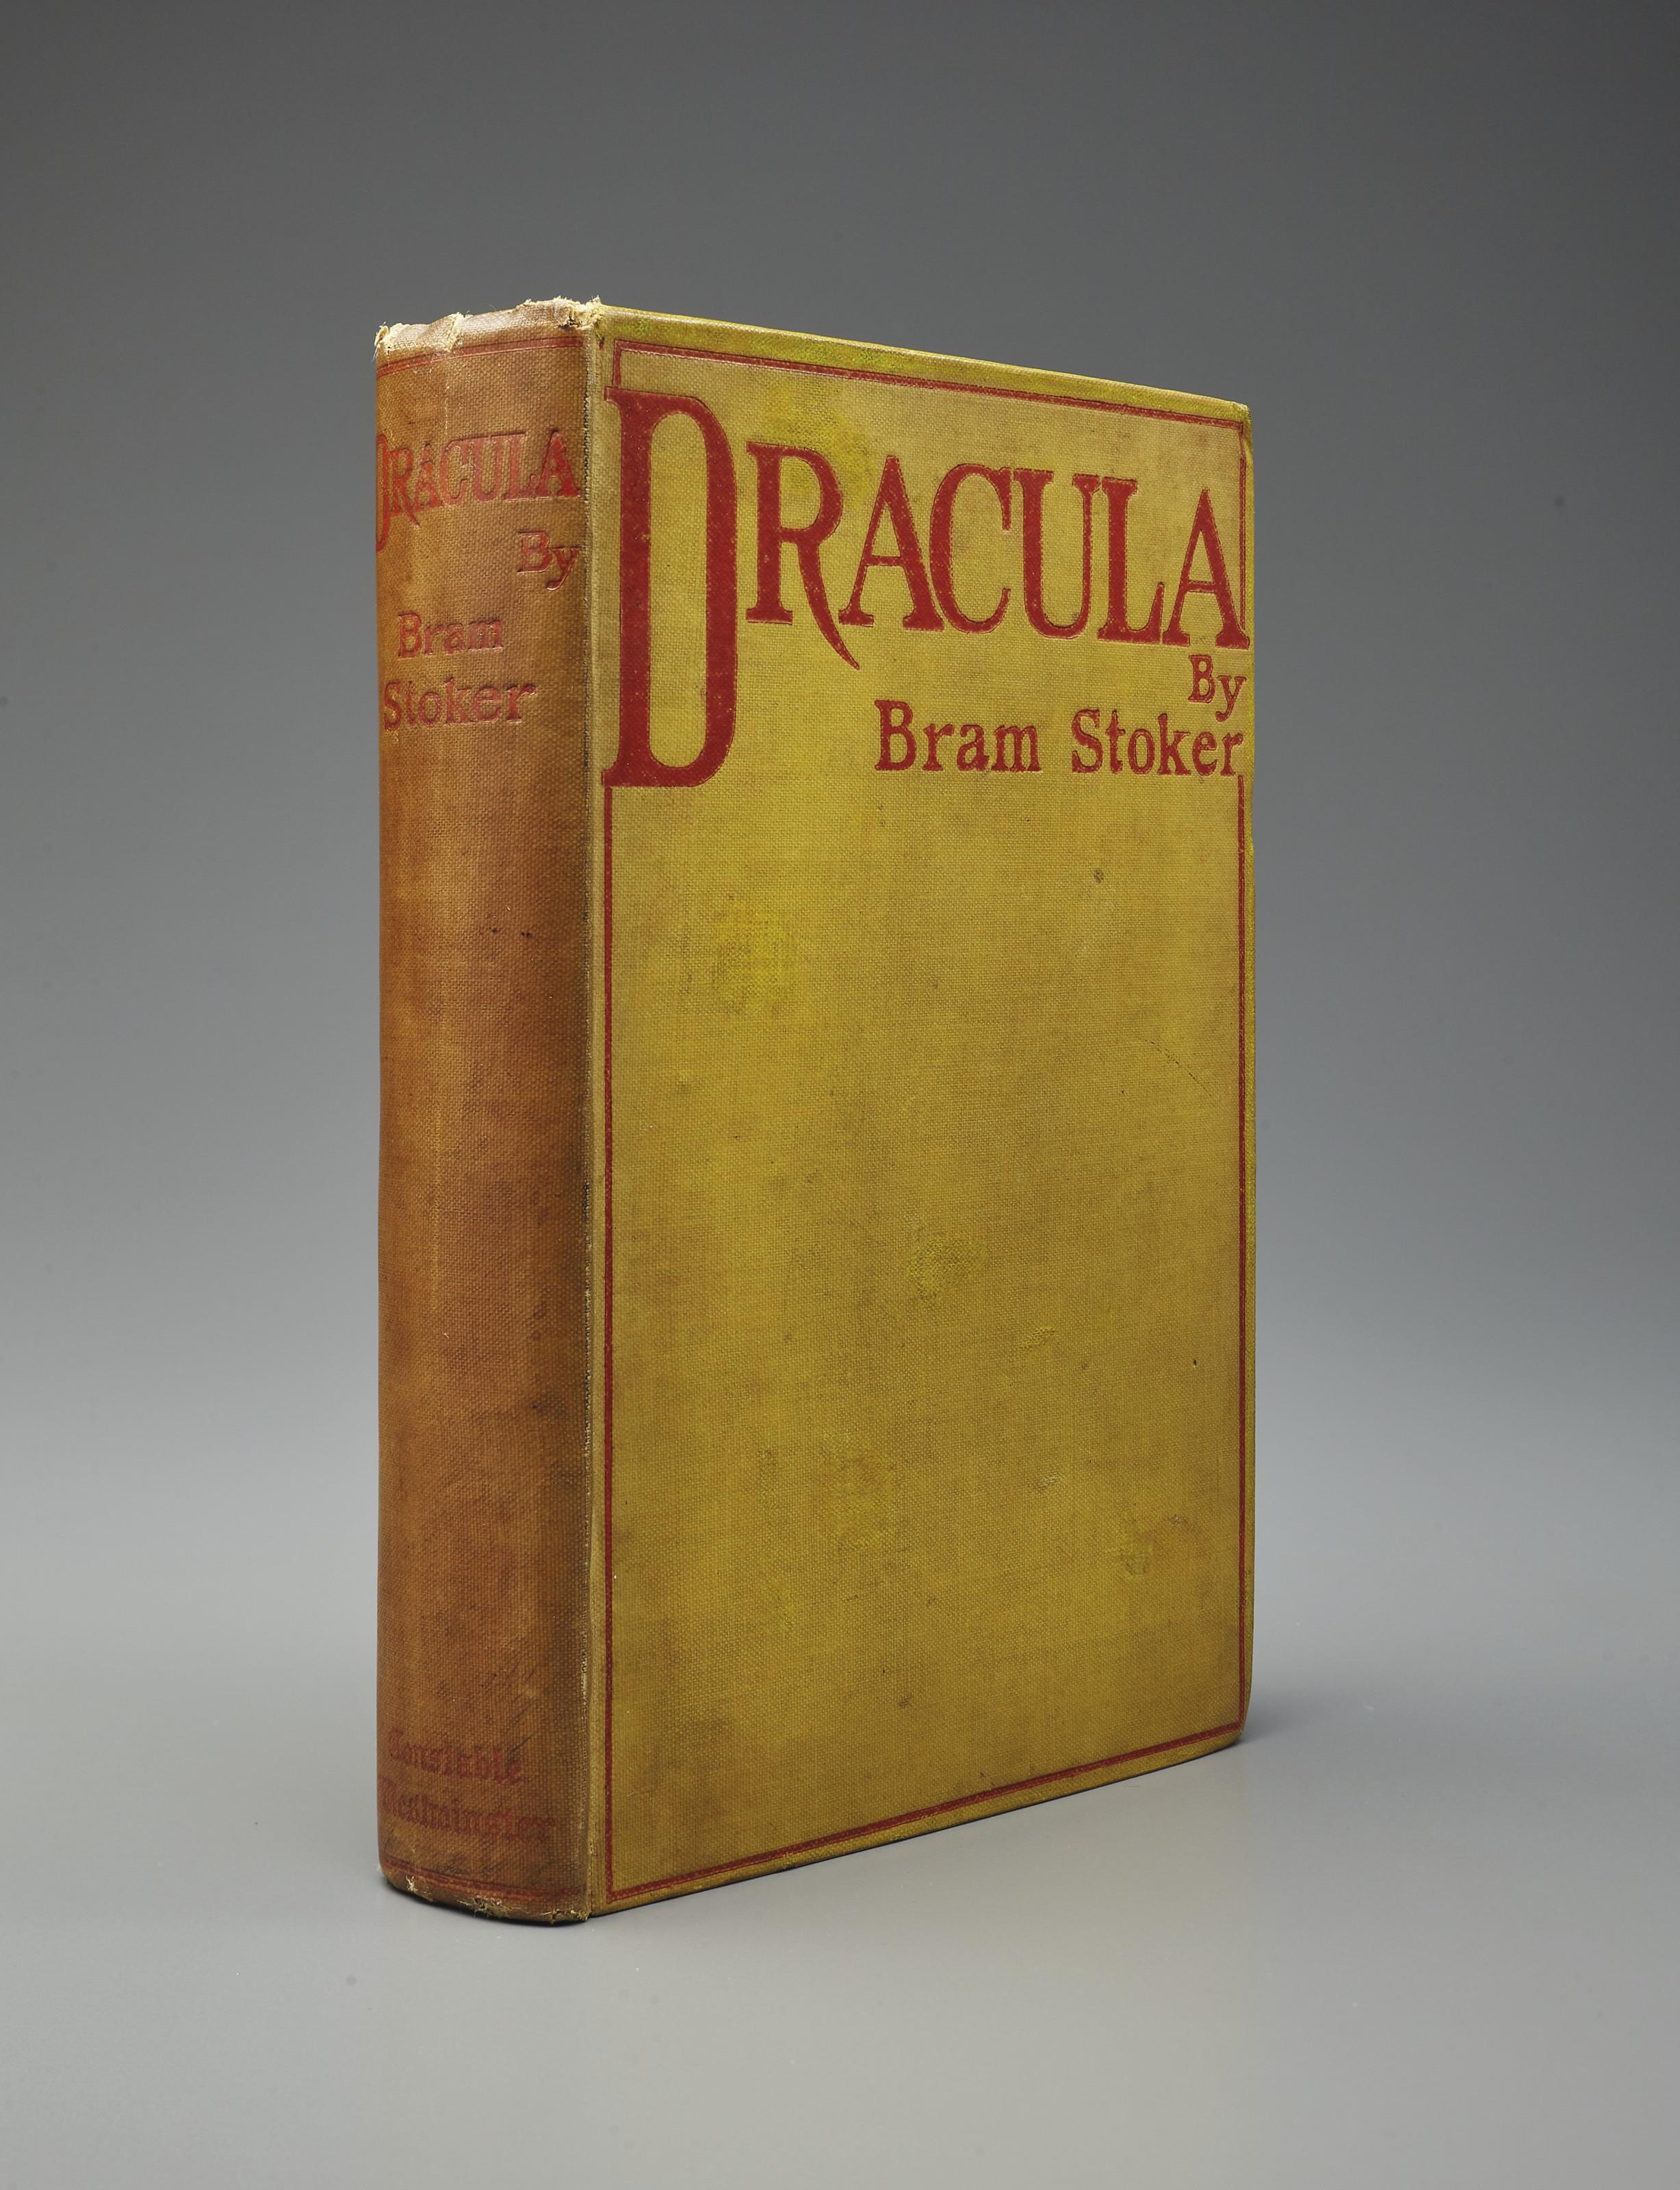 Результат пошуку зображень за запитом Dracula 1st edition